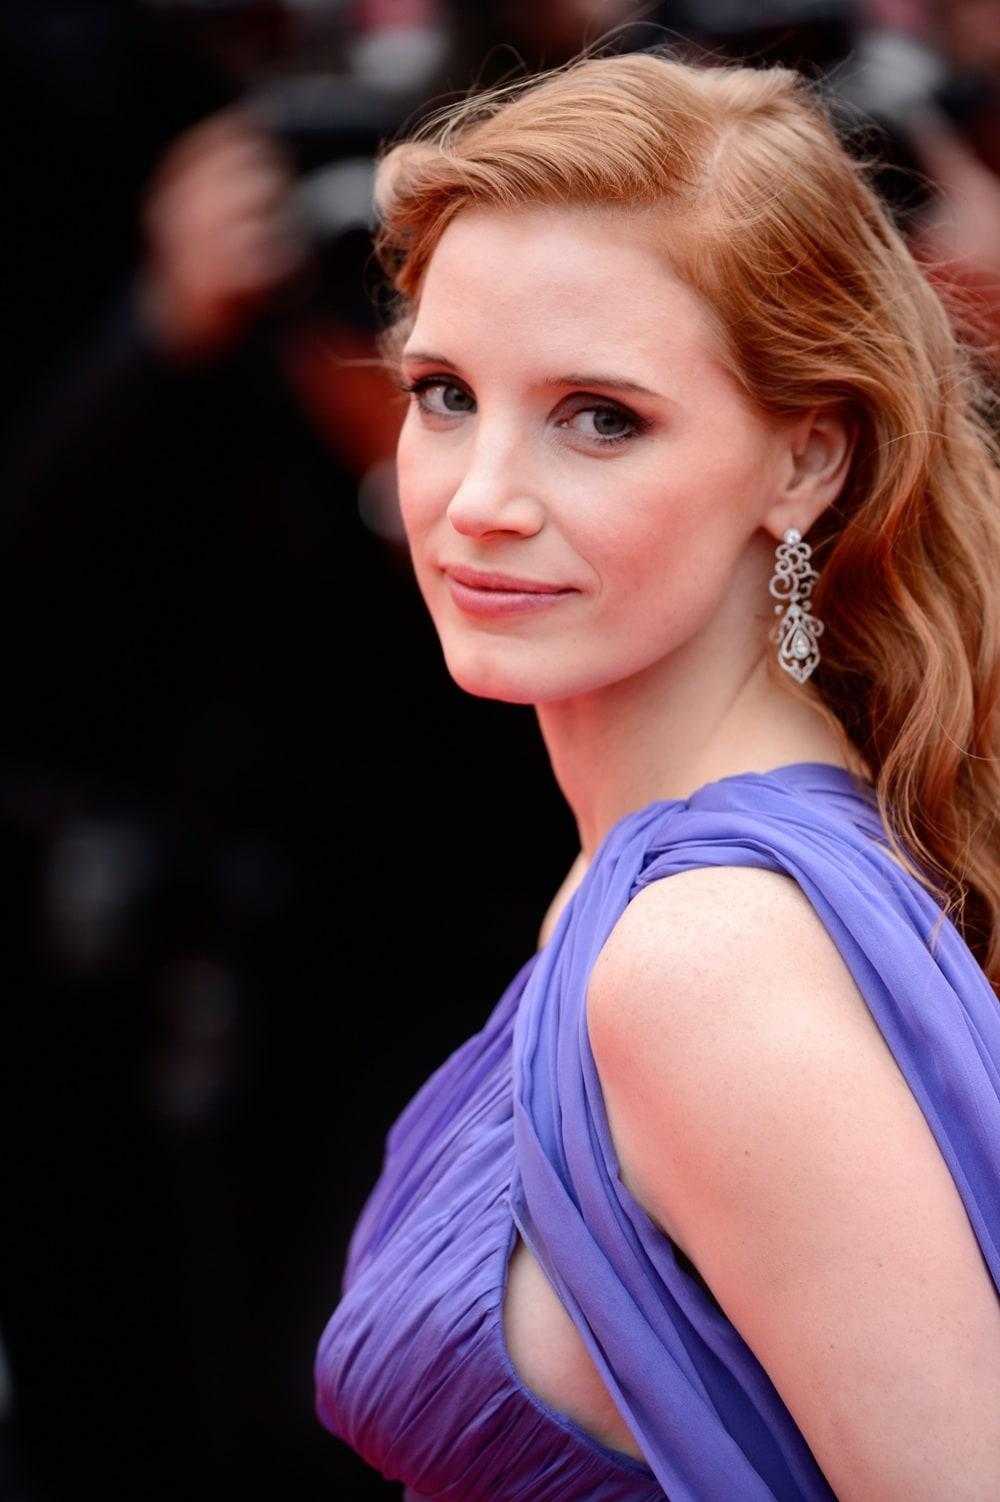 Le attrici più belle con i capelli rossi - Icon